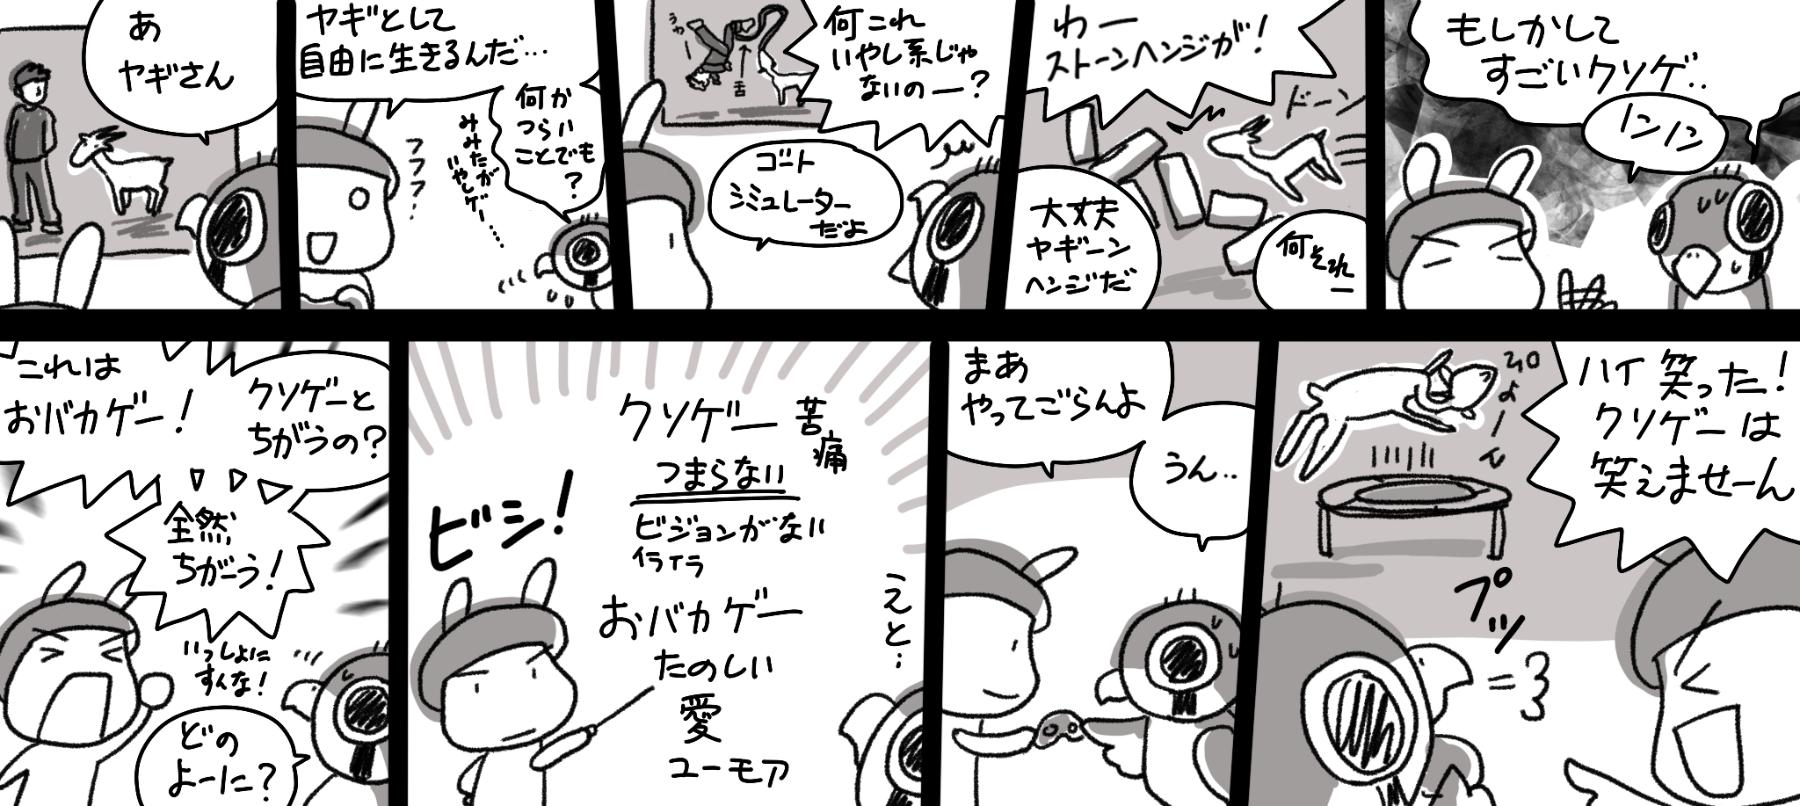 ヤギの前に法は無力!ゴートシミュレーター(漫画日記)